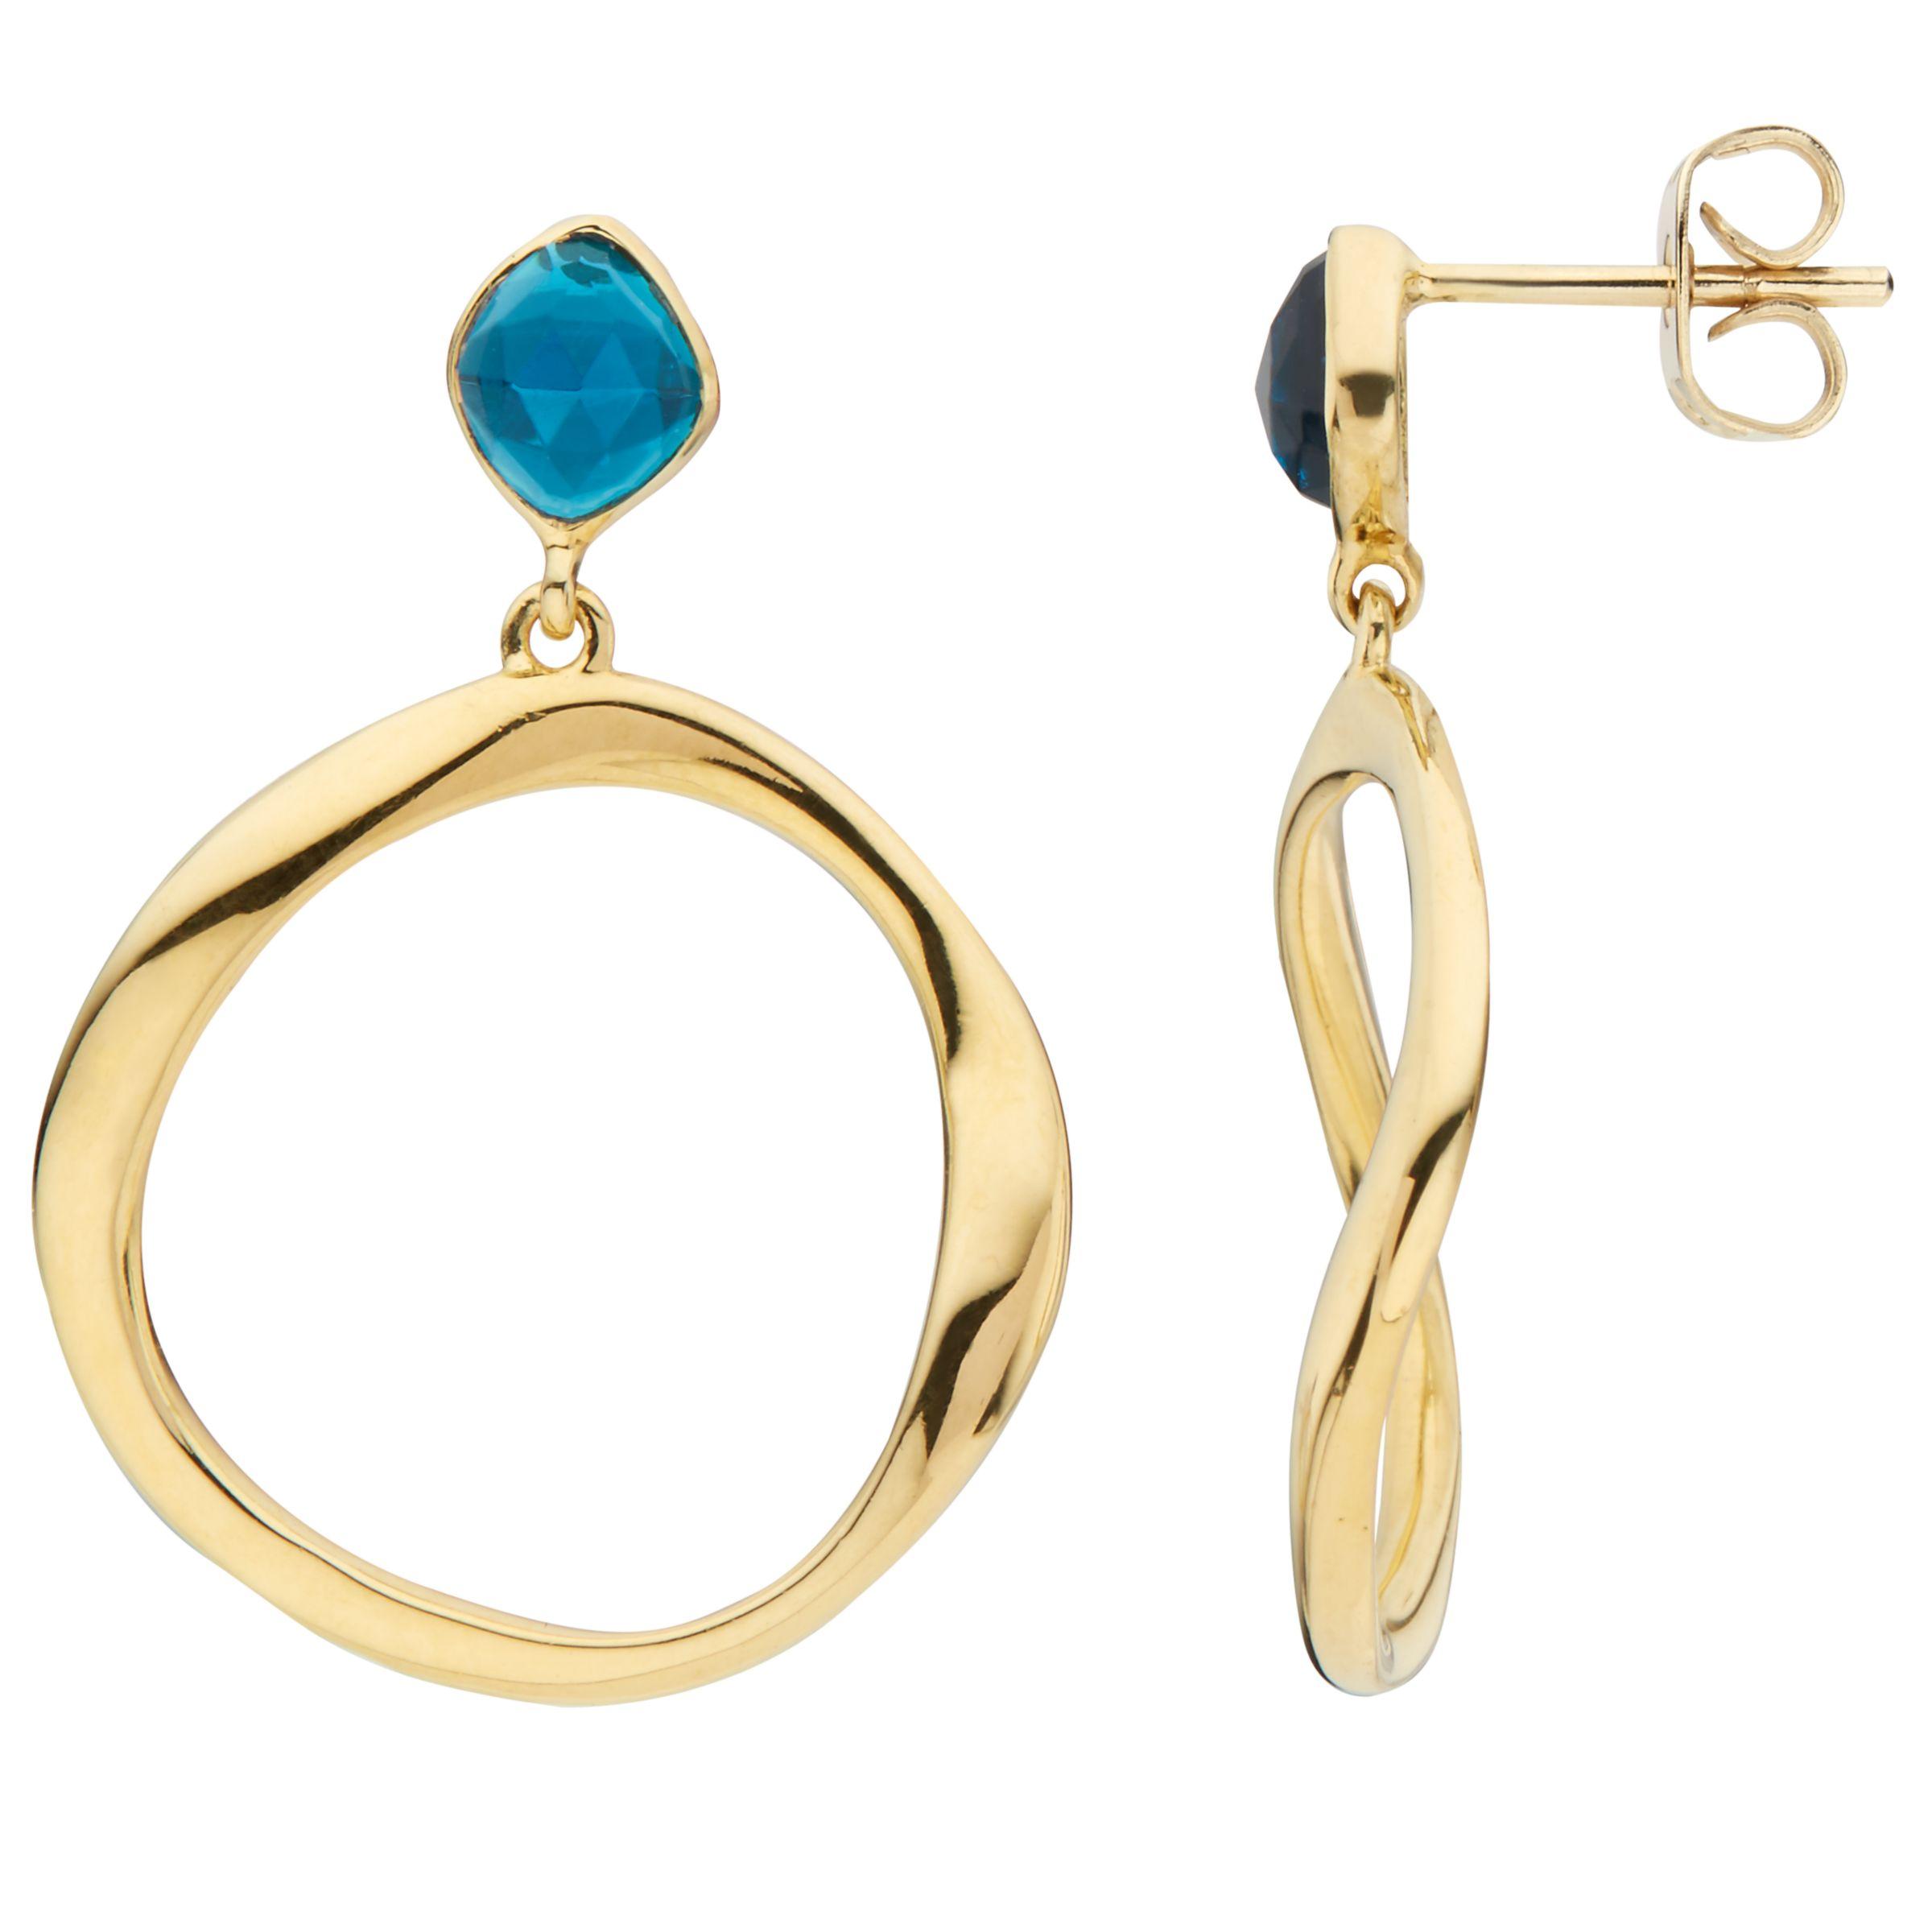 John Lewis Gemstones John Lewis Gemstones Open Circle Topaz Drop Earrings, Gold/Blue